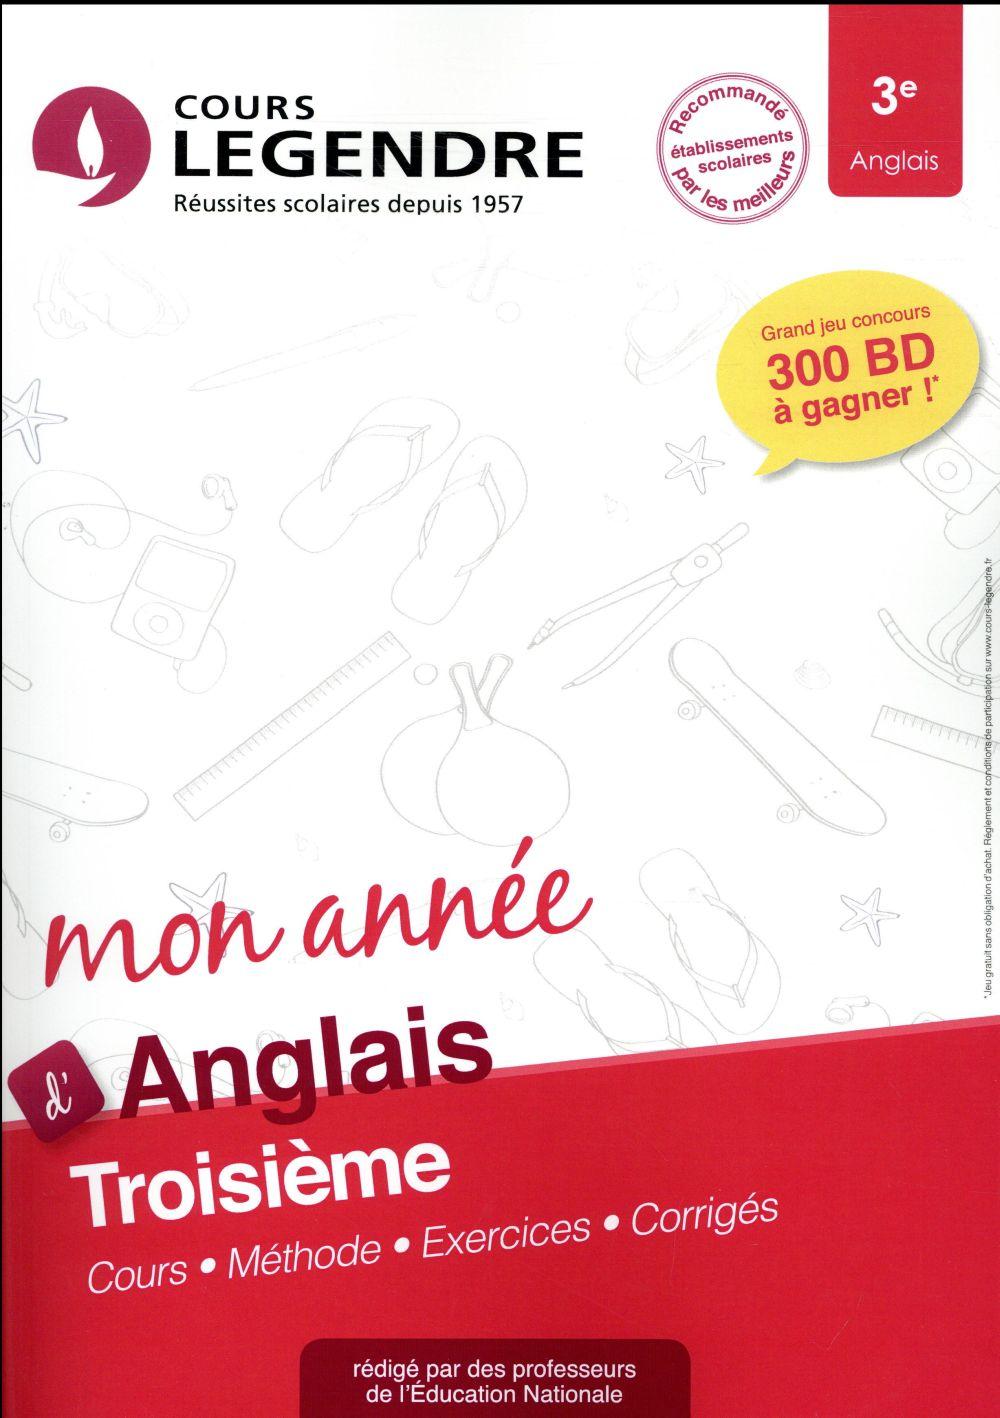 Cours Legendre ; anglais ; 3e mon année (édition 2018)